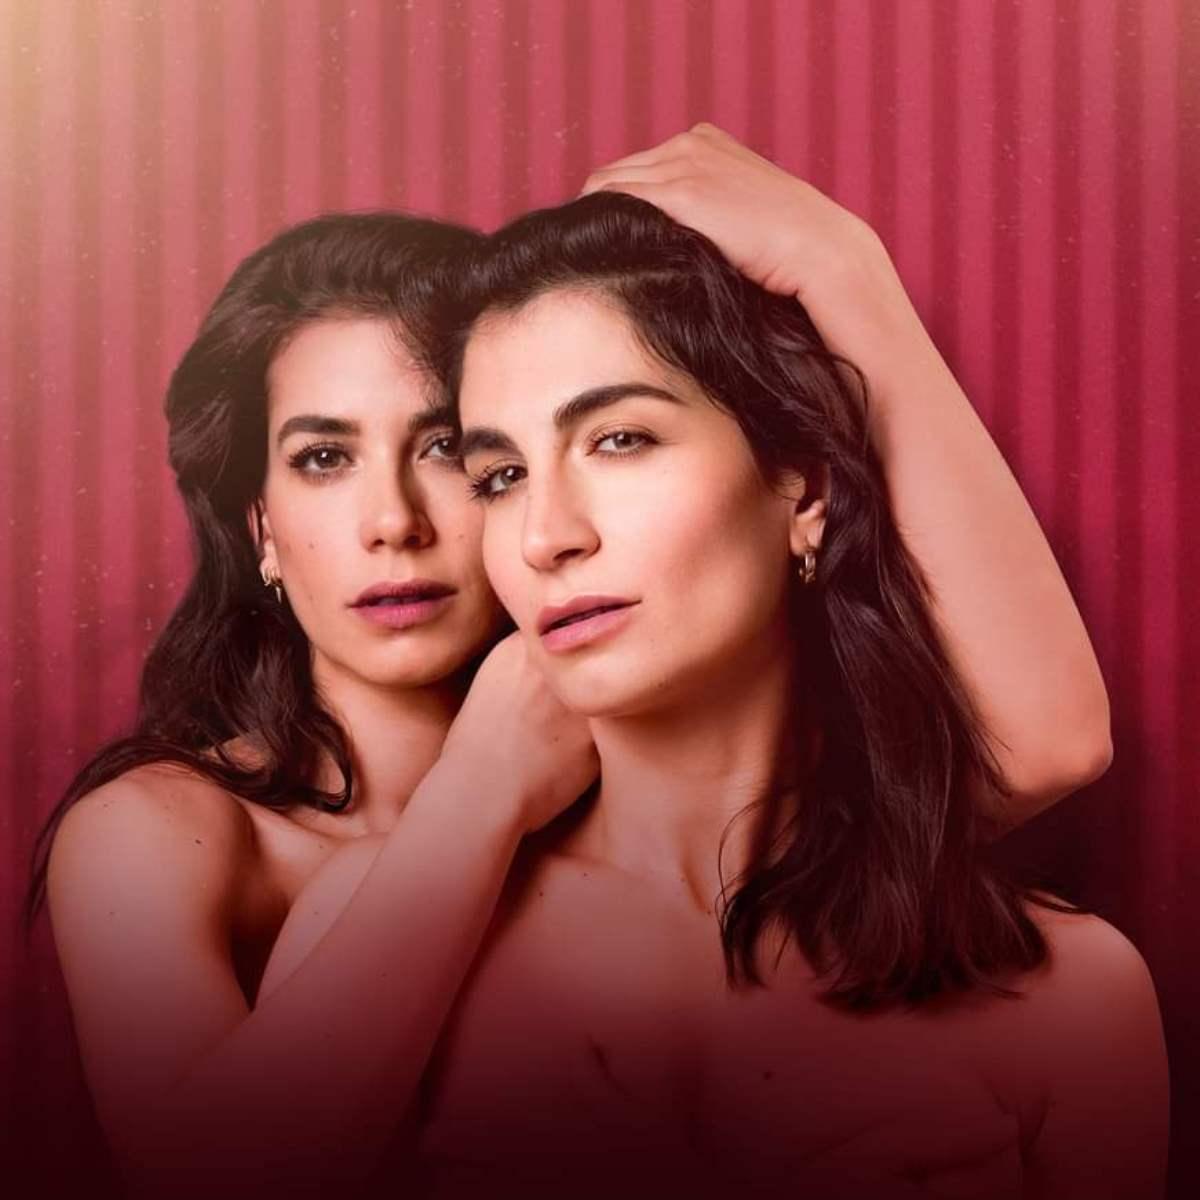 Giulia e Paola Michelini a Pescara mercoledì 14 luglio 2021 foto